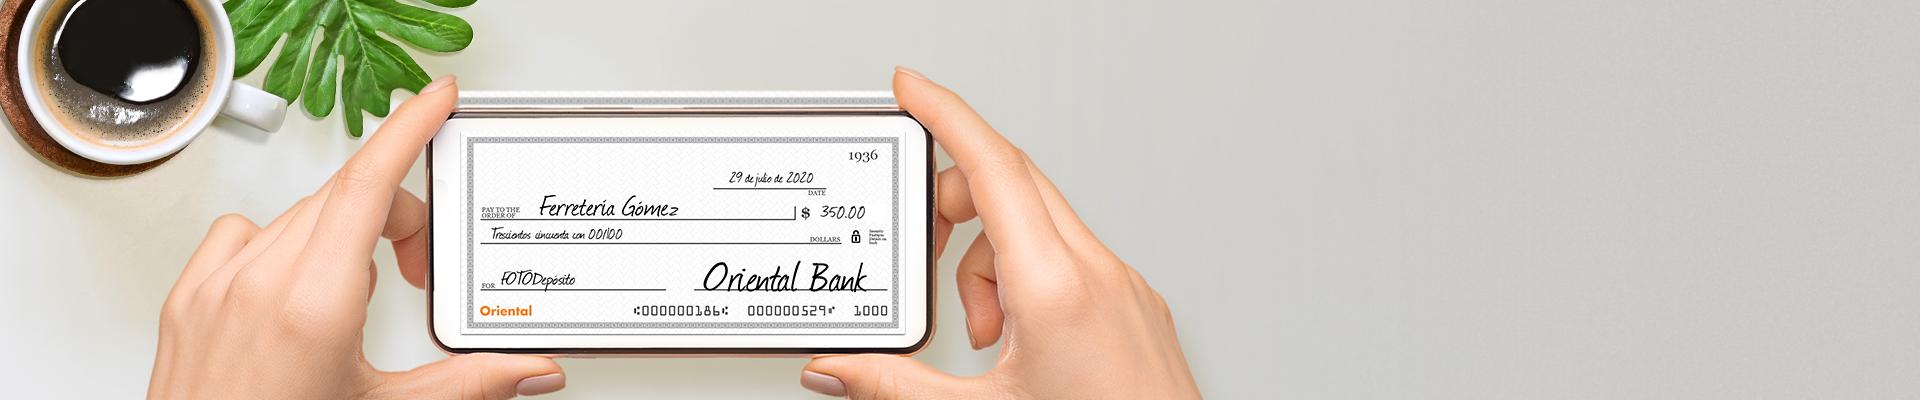 Deposita cheques con FOTOdepósito.